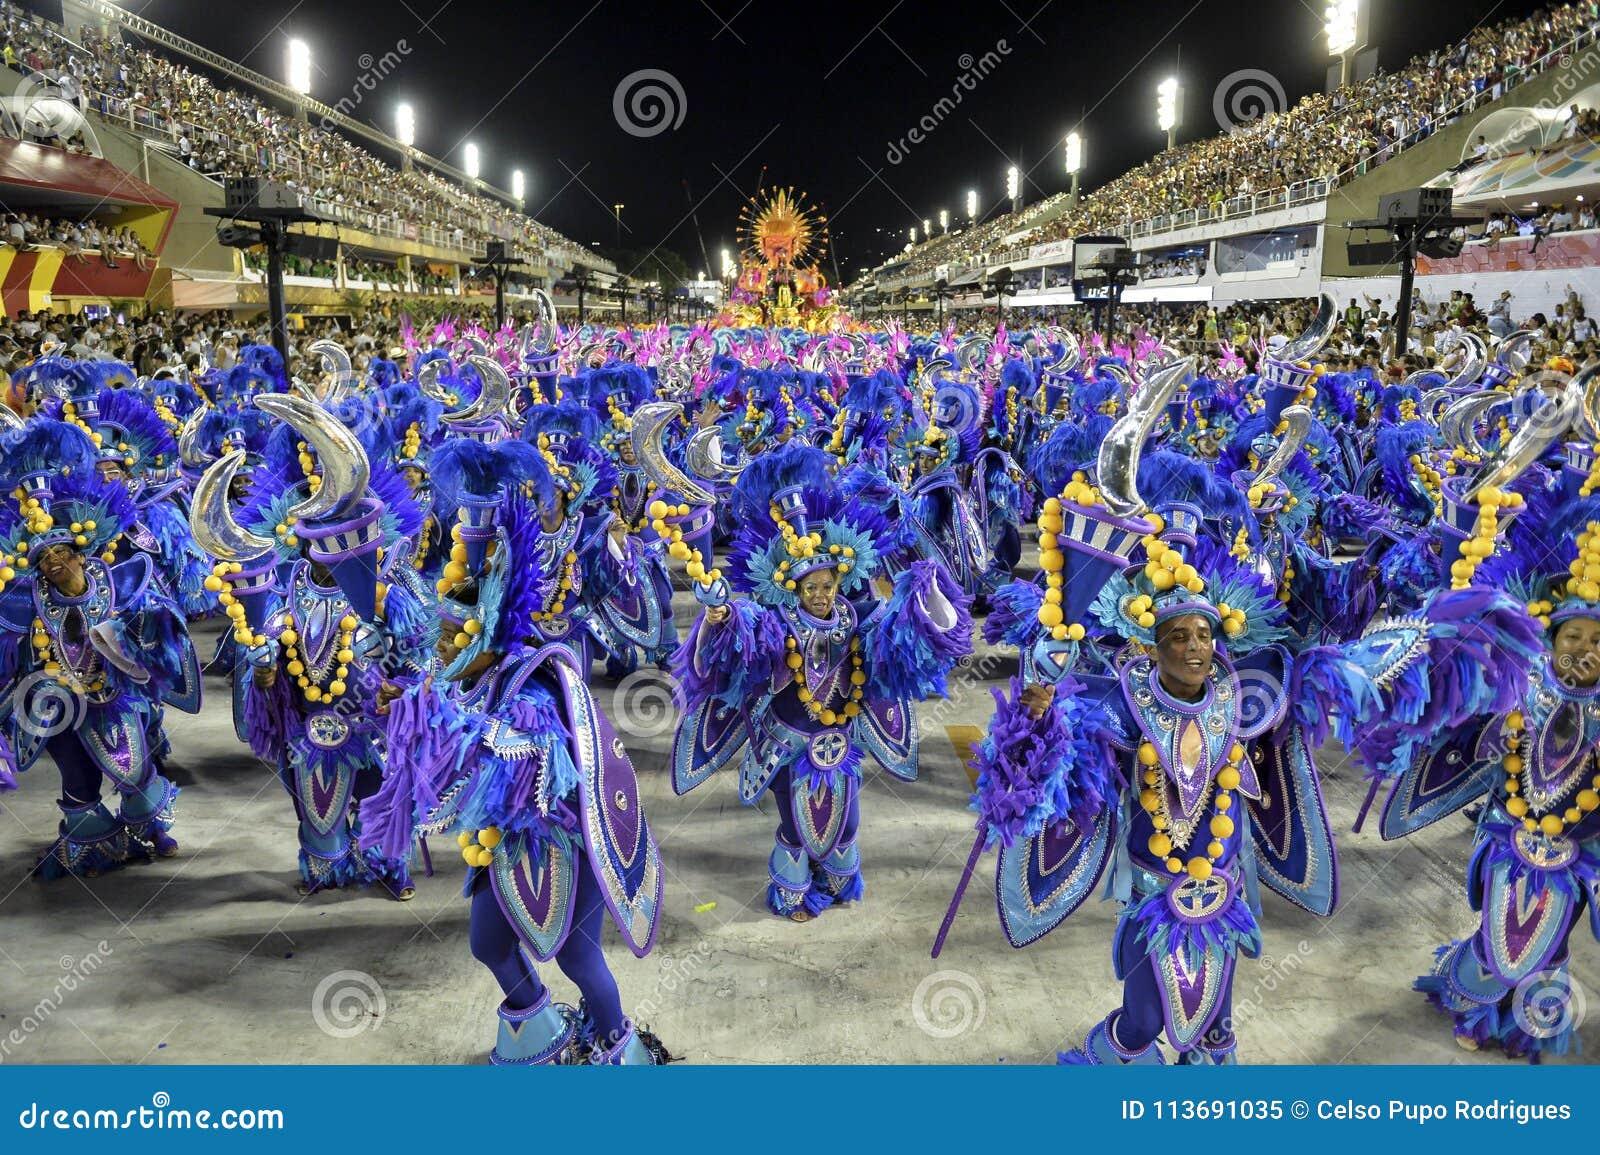 Carnaval 2018 - Unidos DE Padre Miguel